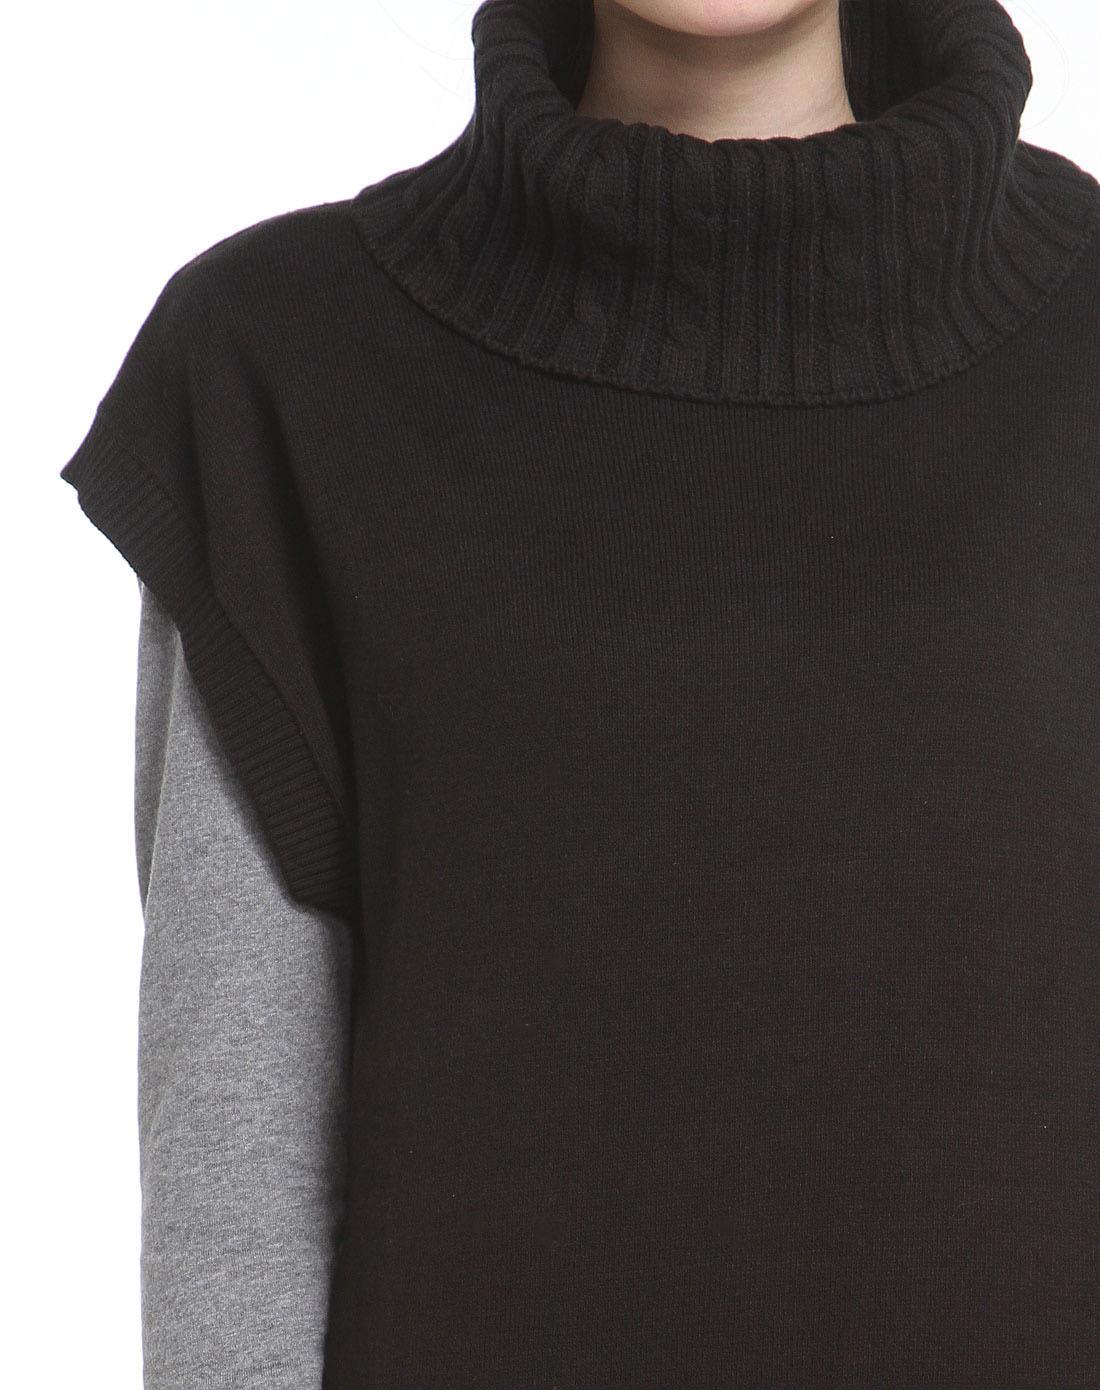 森马黑色时尚高领无袖毛衣两件套12079412003-9000